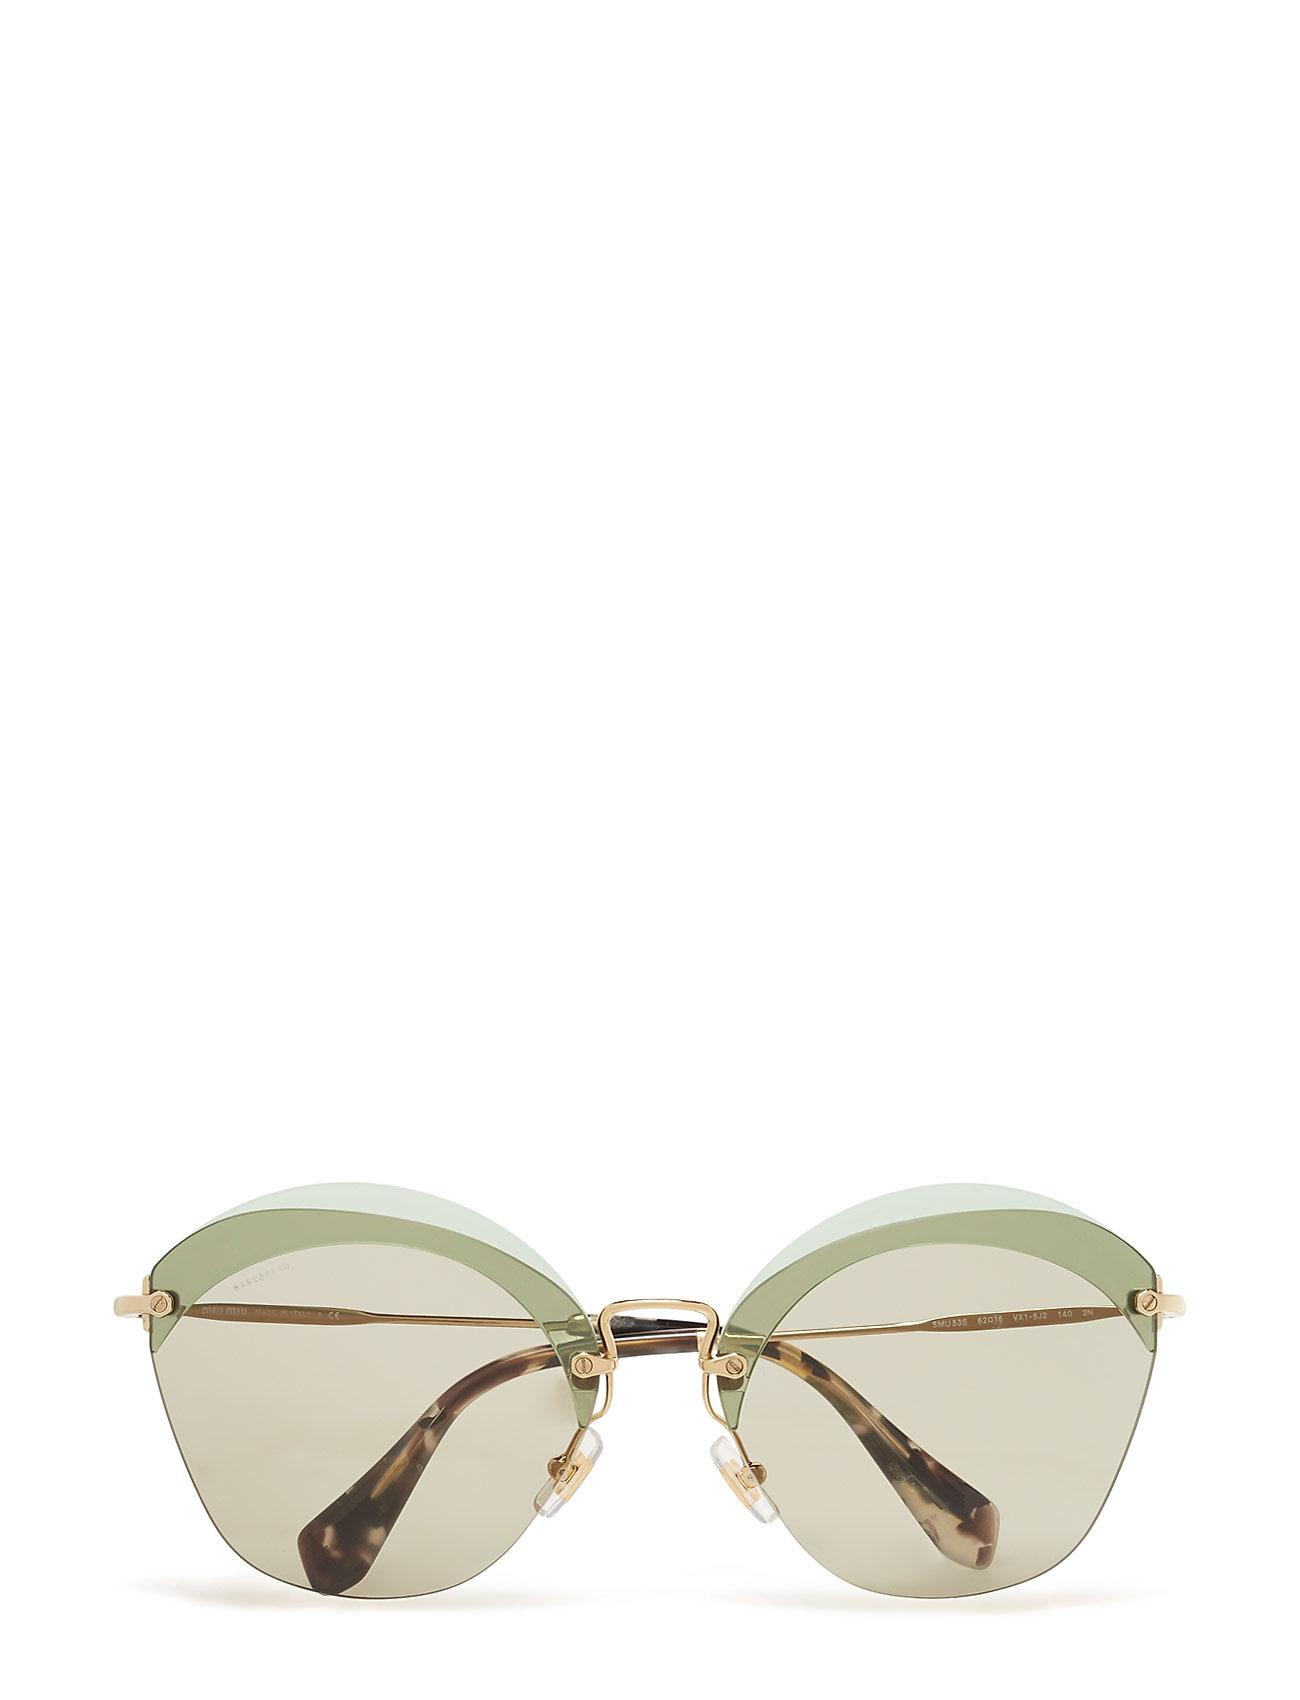 Not Defined Miu Miu Sunglasses Solbriller til Kvinder i